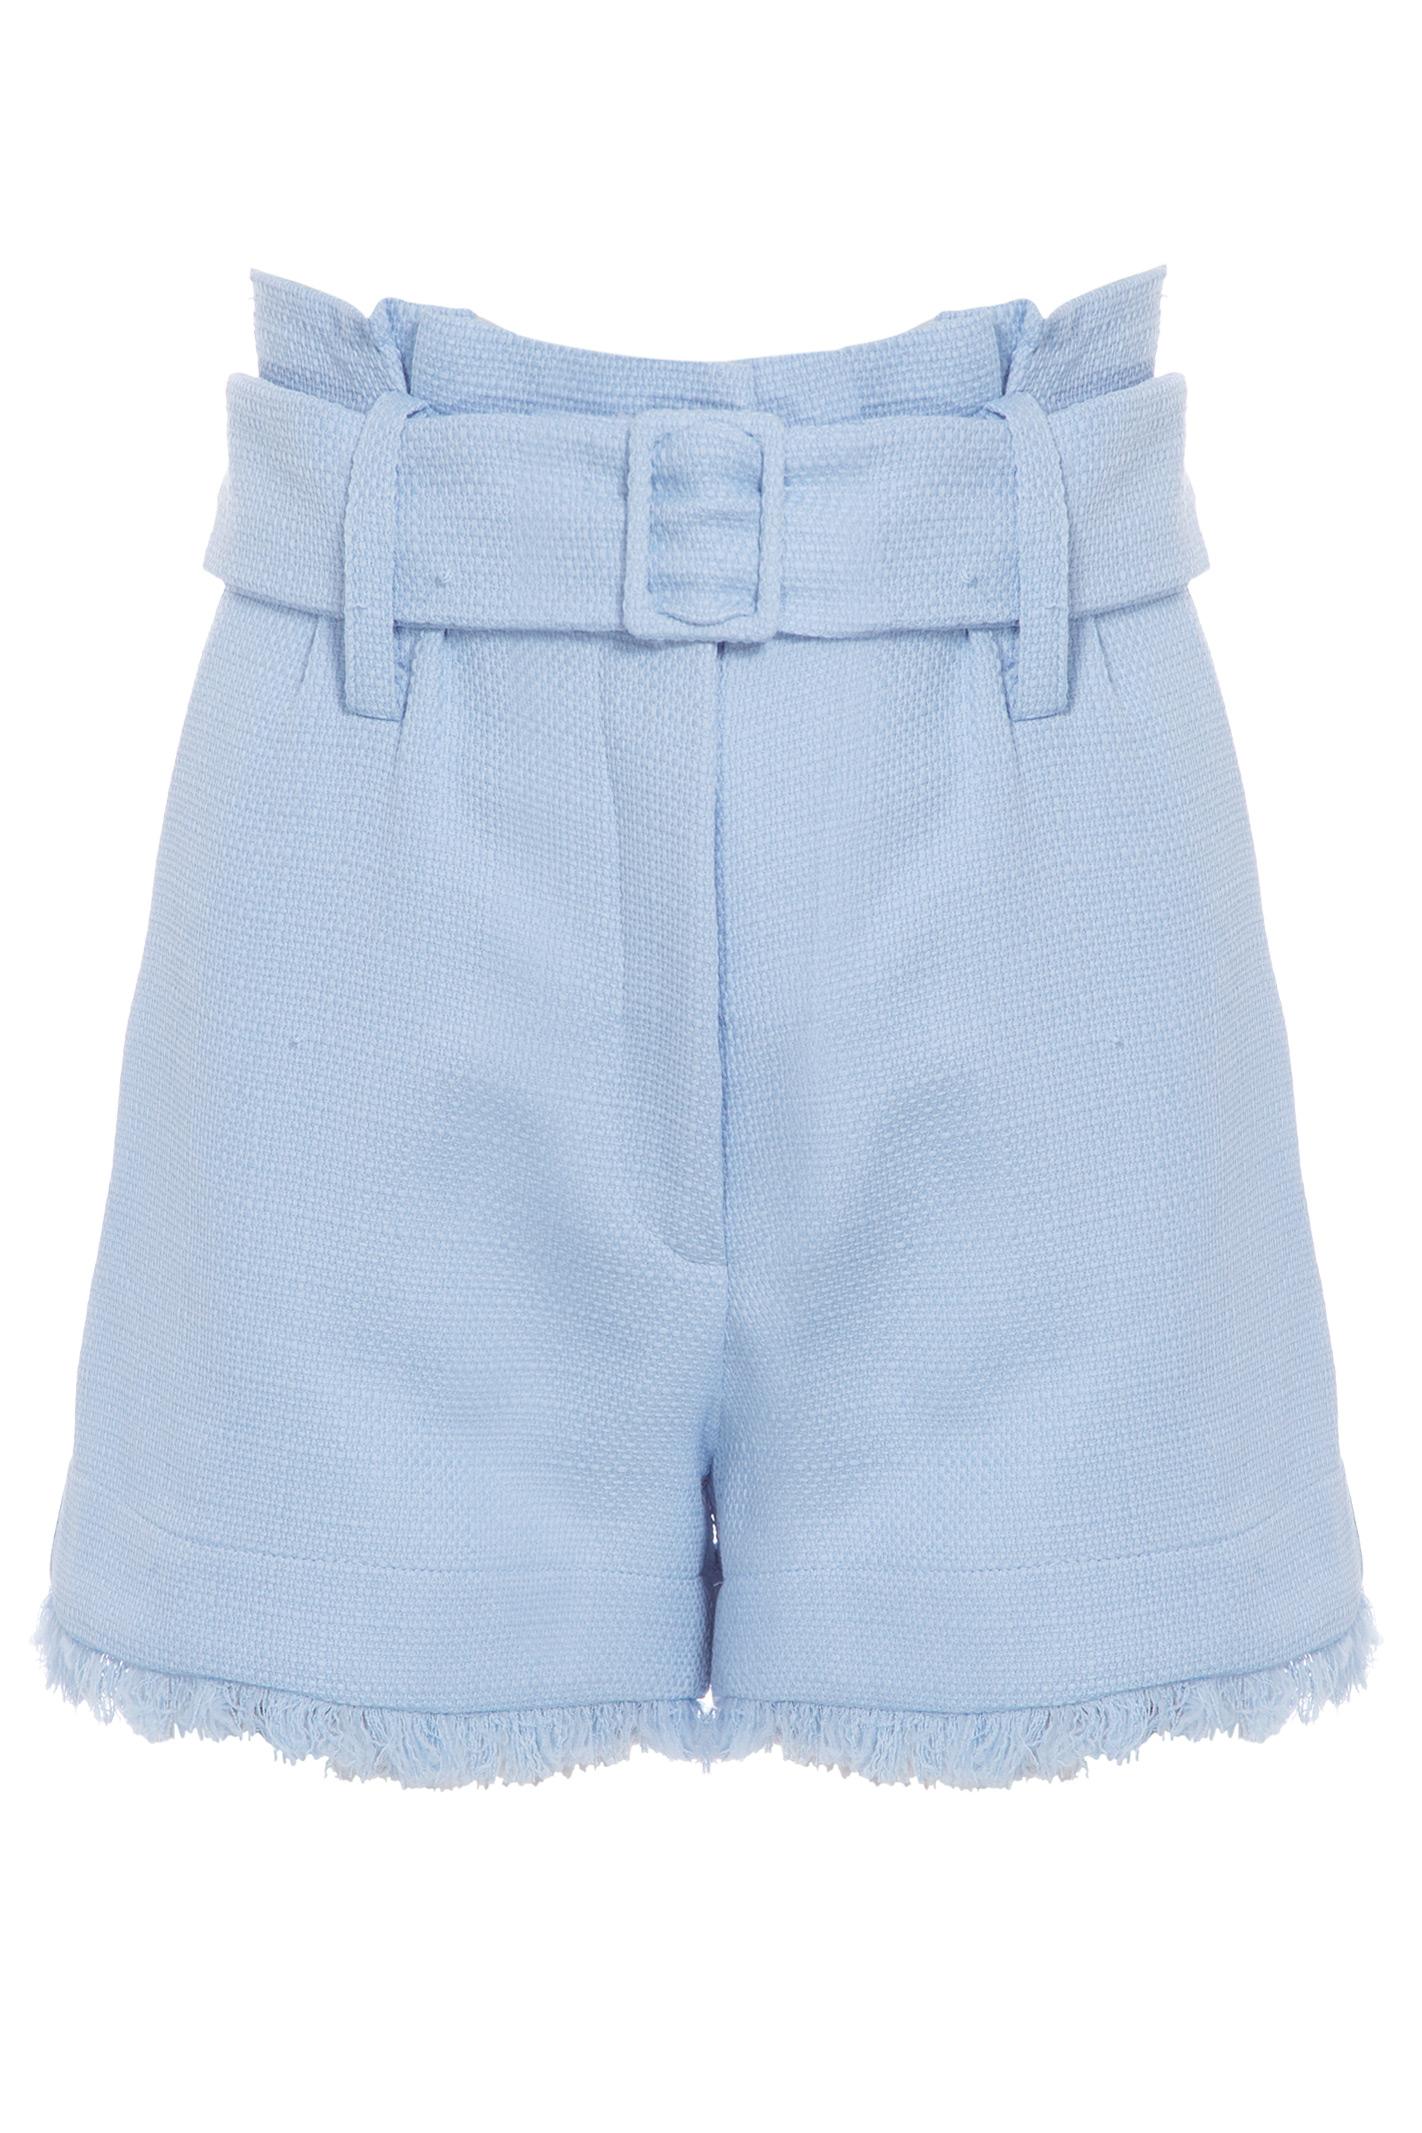 Shorts Desfiado Fivela Tweed